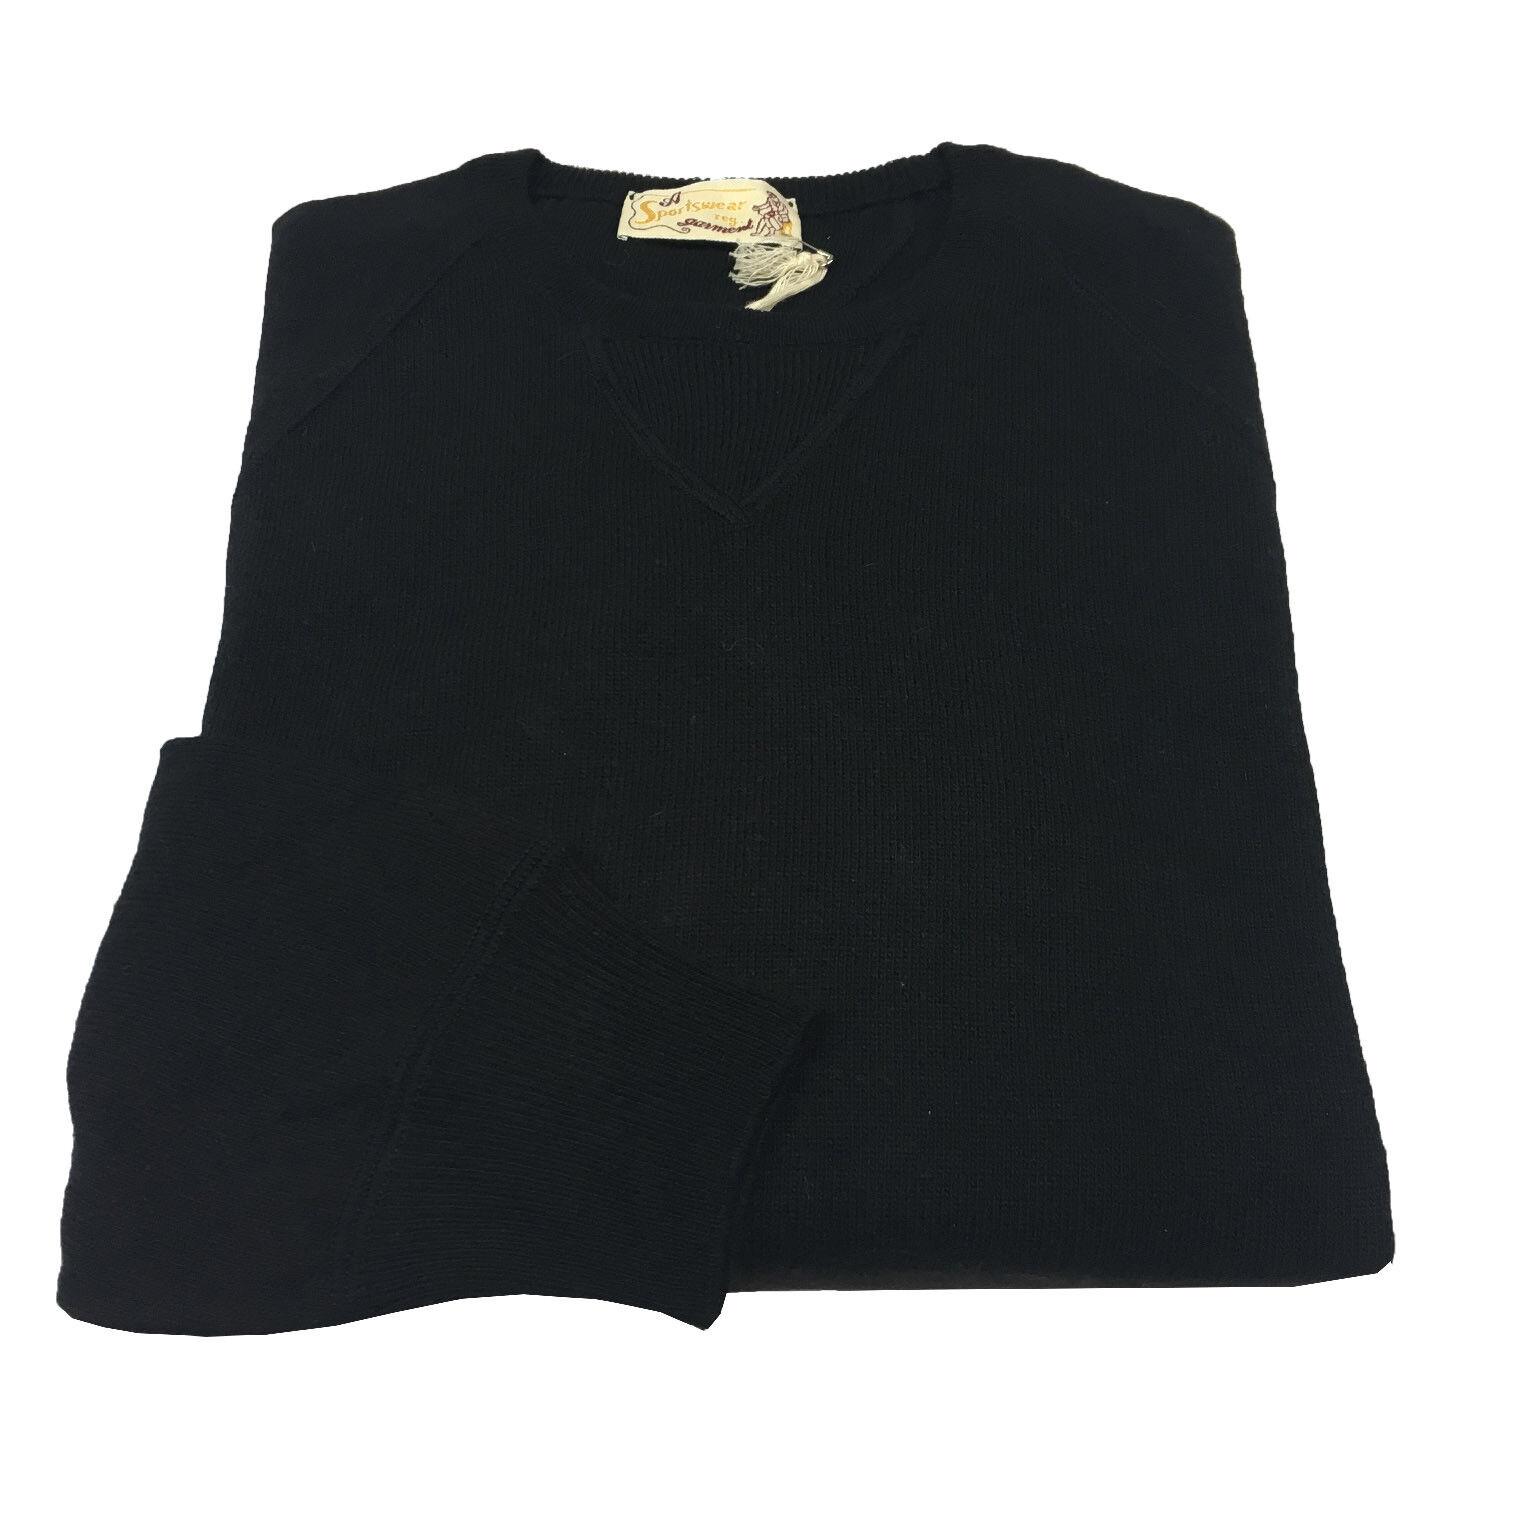 SPORTSWEAR Pullover Herren Rundhalsausschnitt schwarz Patches dunkelbraun 37%